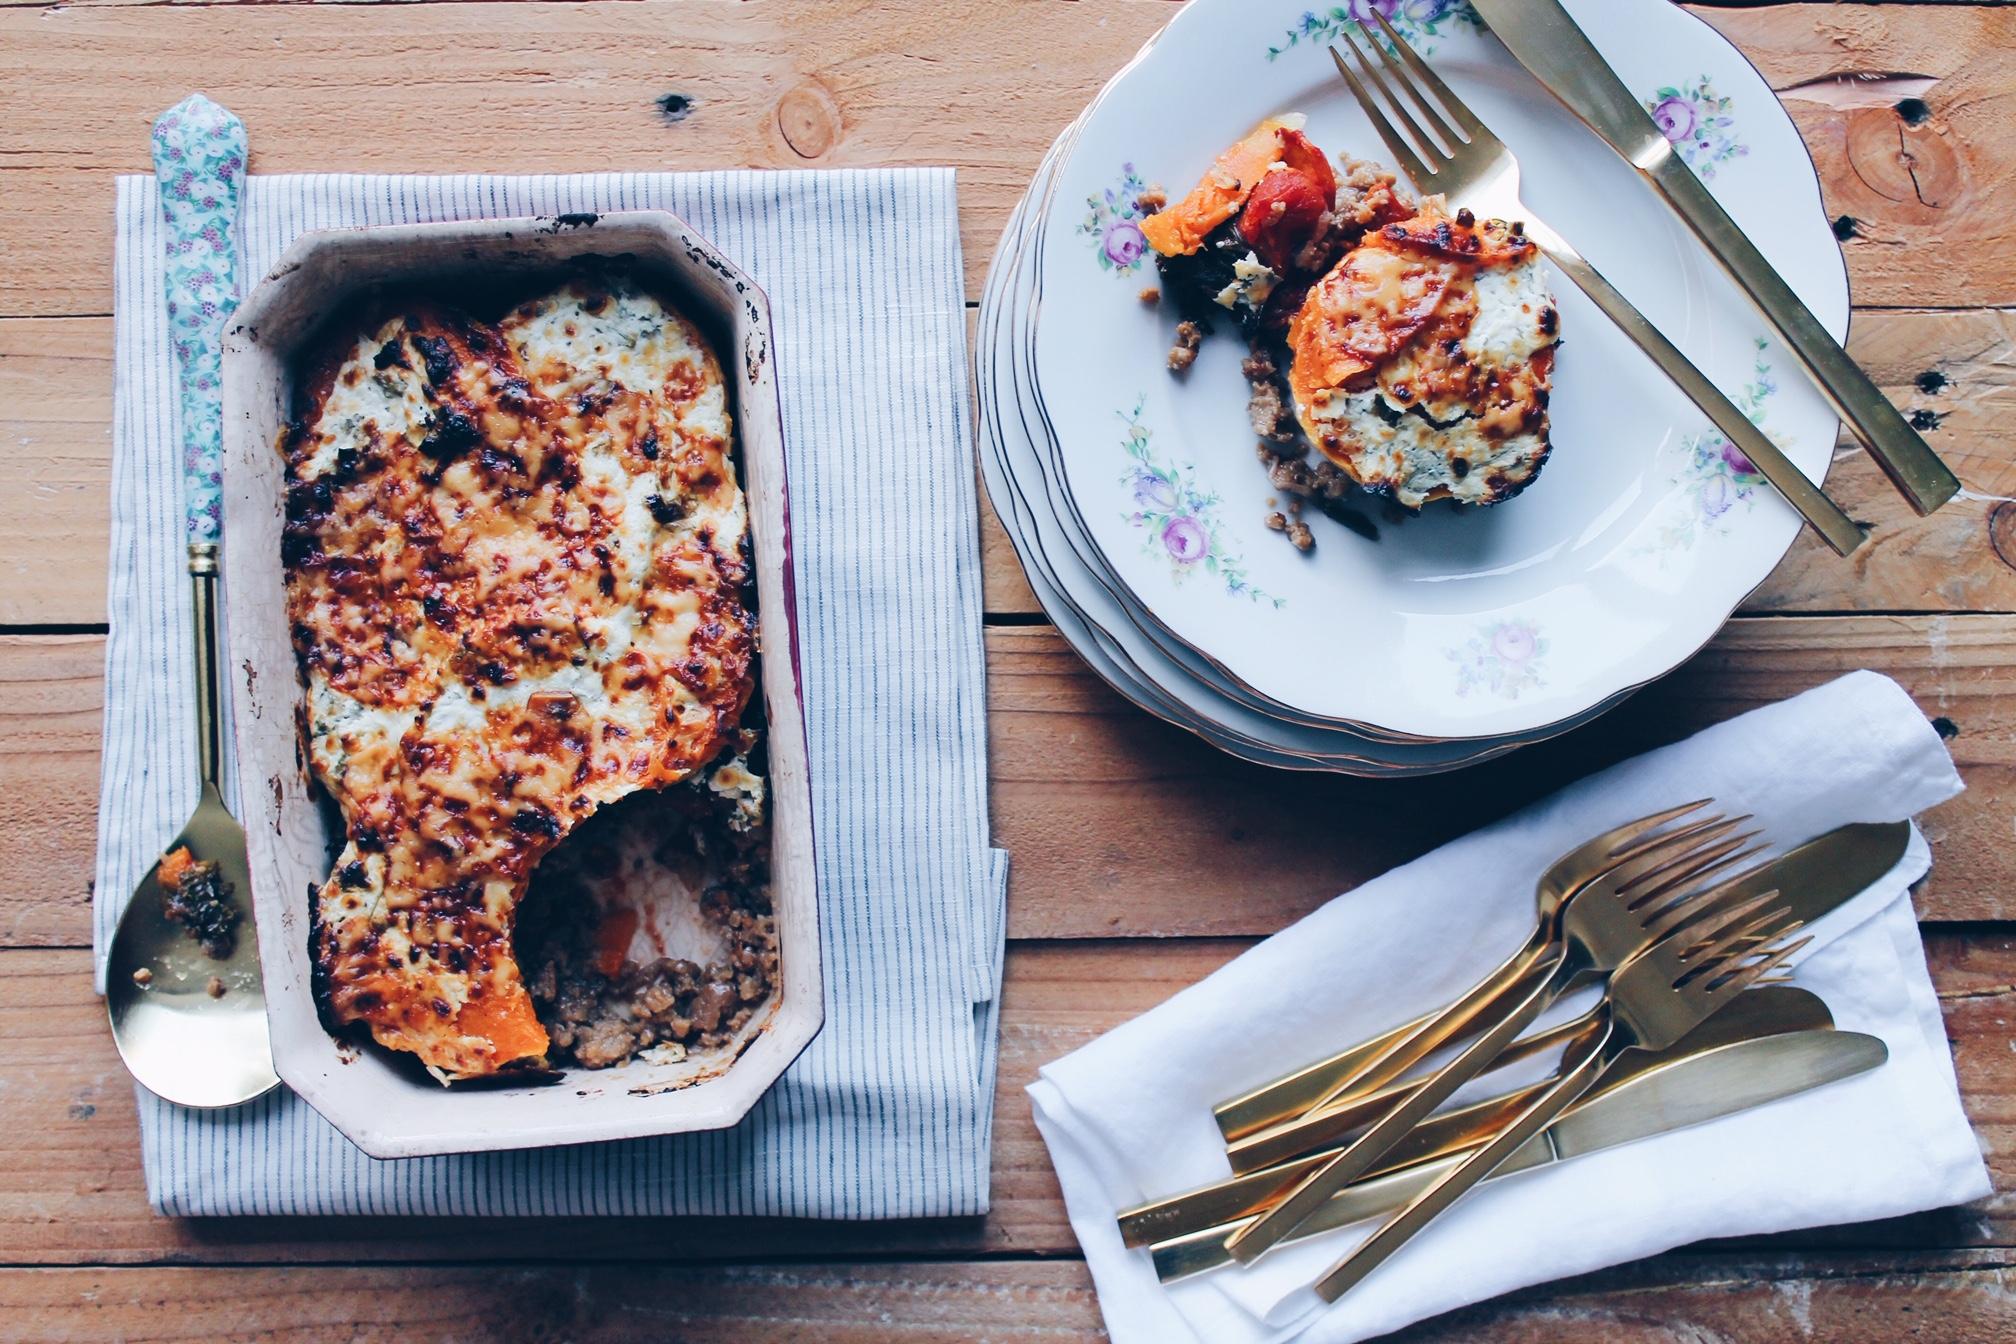 Recette de moussaka végétarienne au quorn composée de courge butternut rotie et de chou kale sur le blog laualamenthe.com